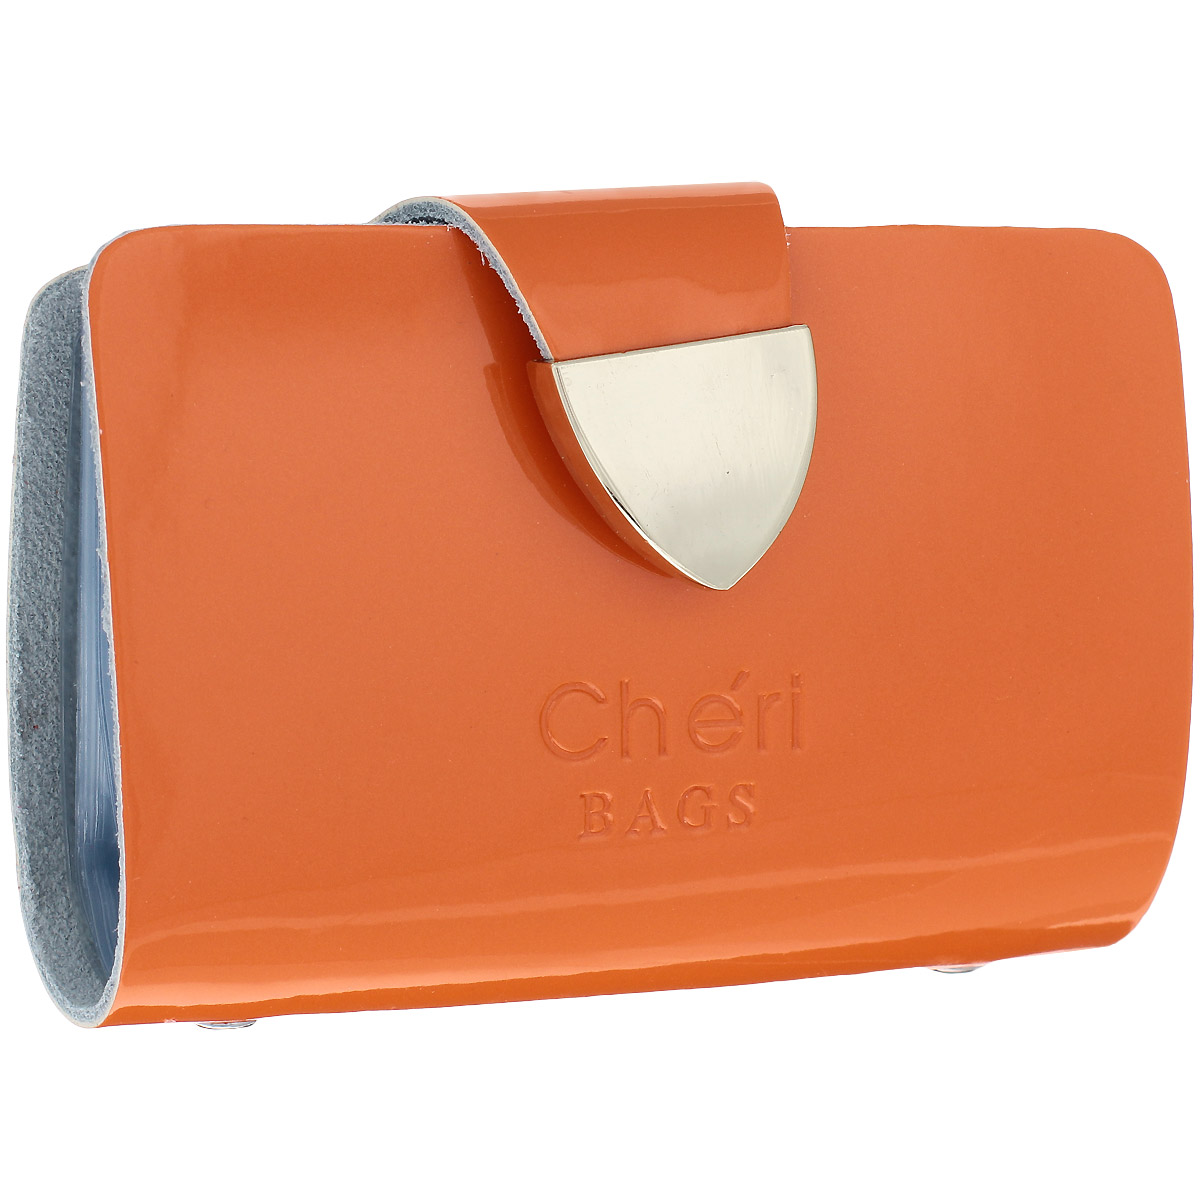 Визитница Cheribags, цвет: оранжевый. V-0482-22 визитница cheribags цвет синий оранжевый v 0499 15